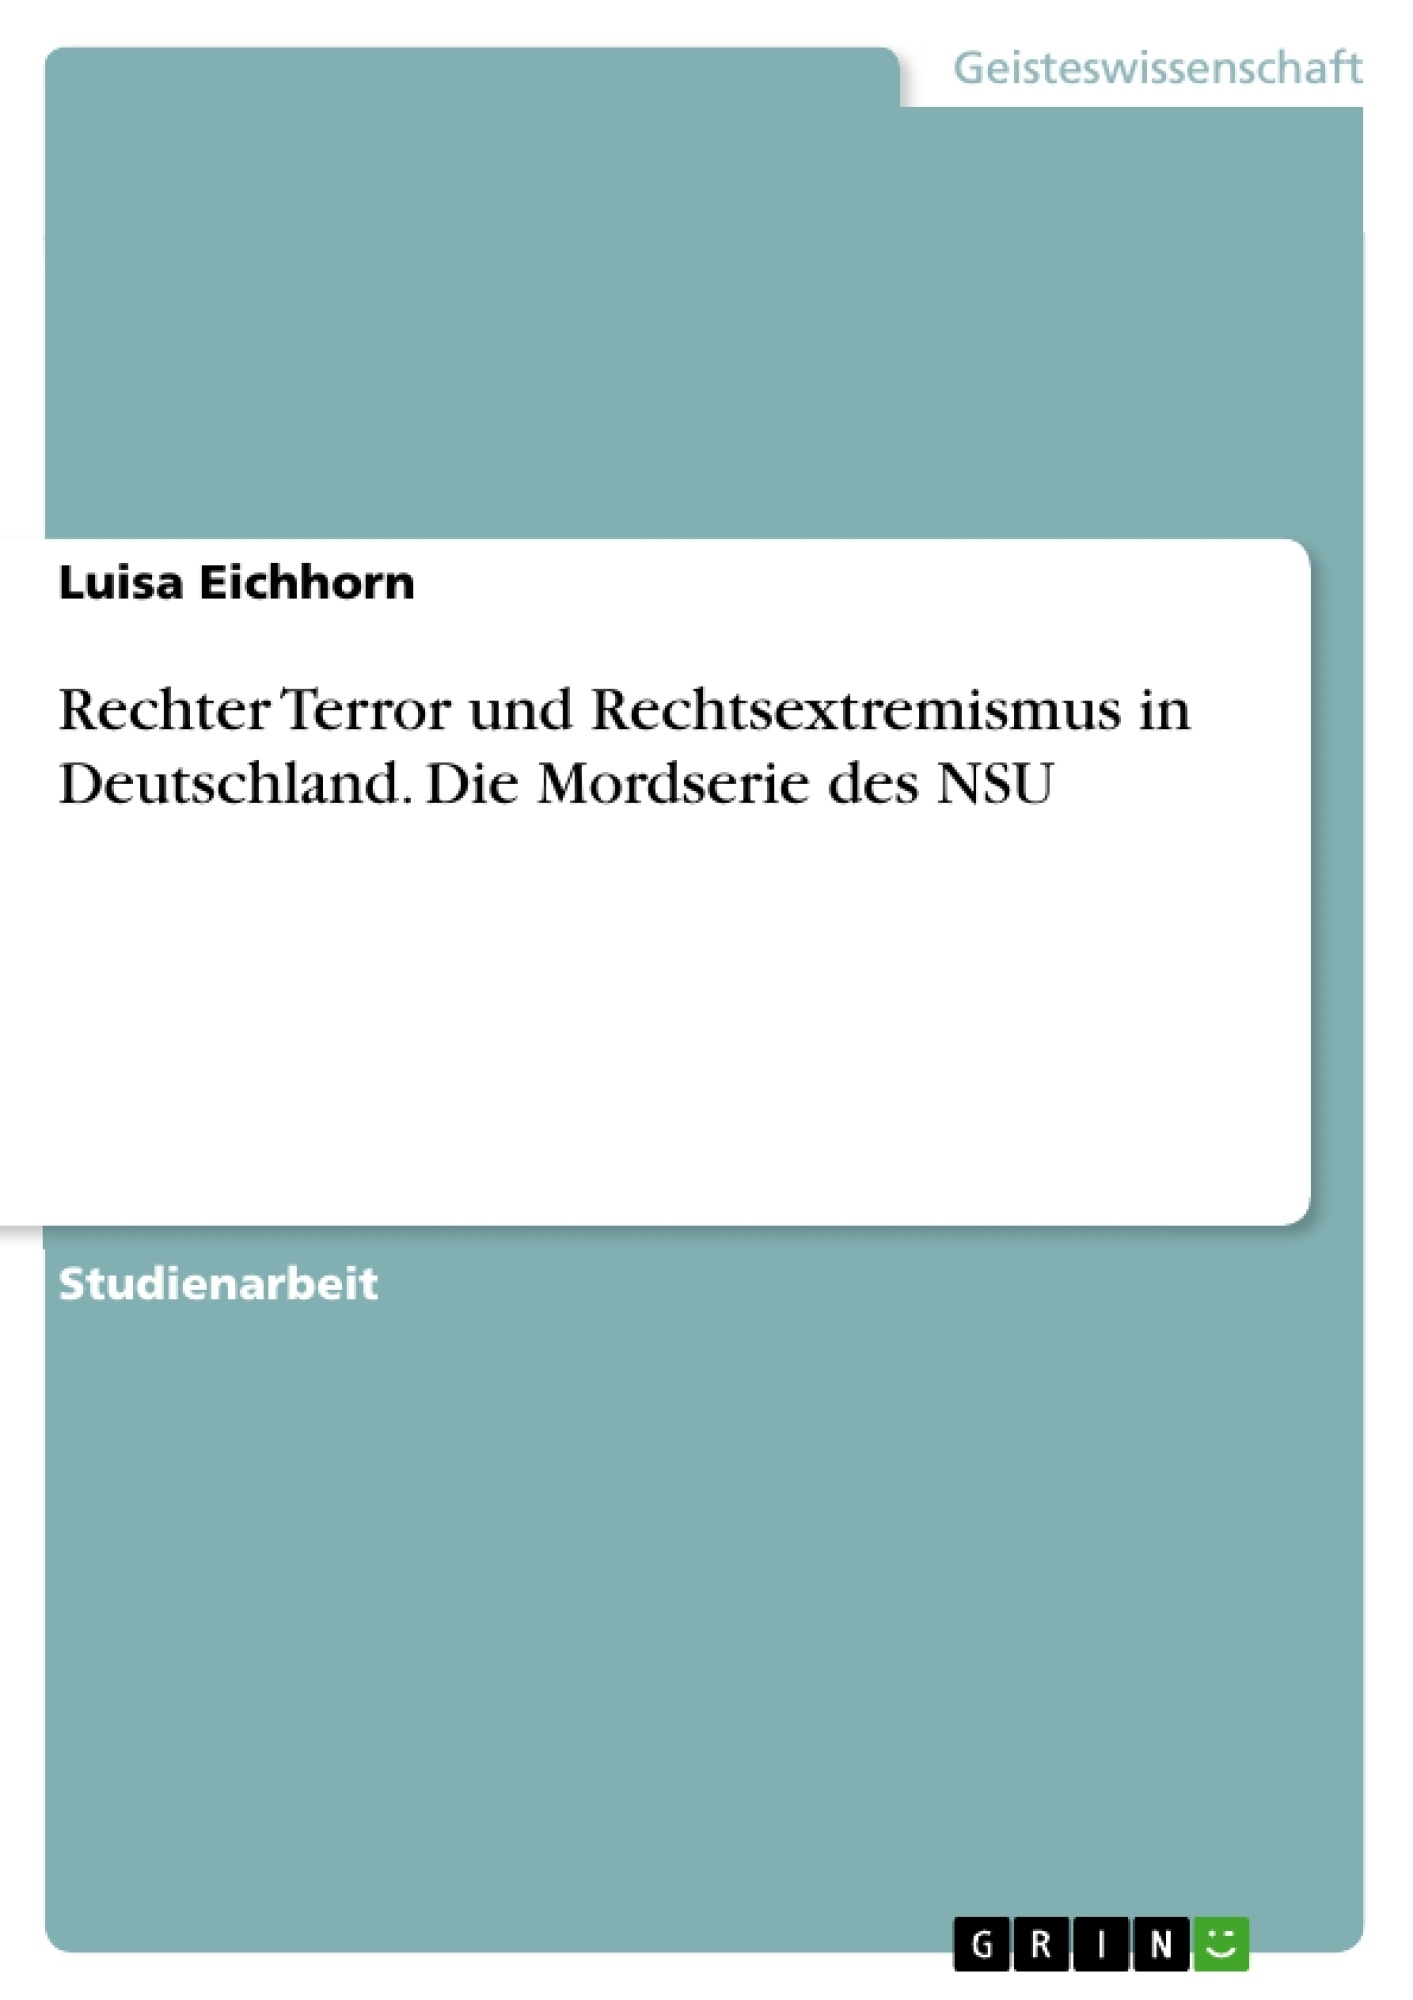 Titel: Rechter Terror und Rechtsextremismus in Deutschland. Die Mordserie des NSU